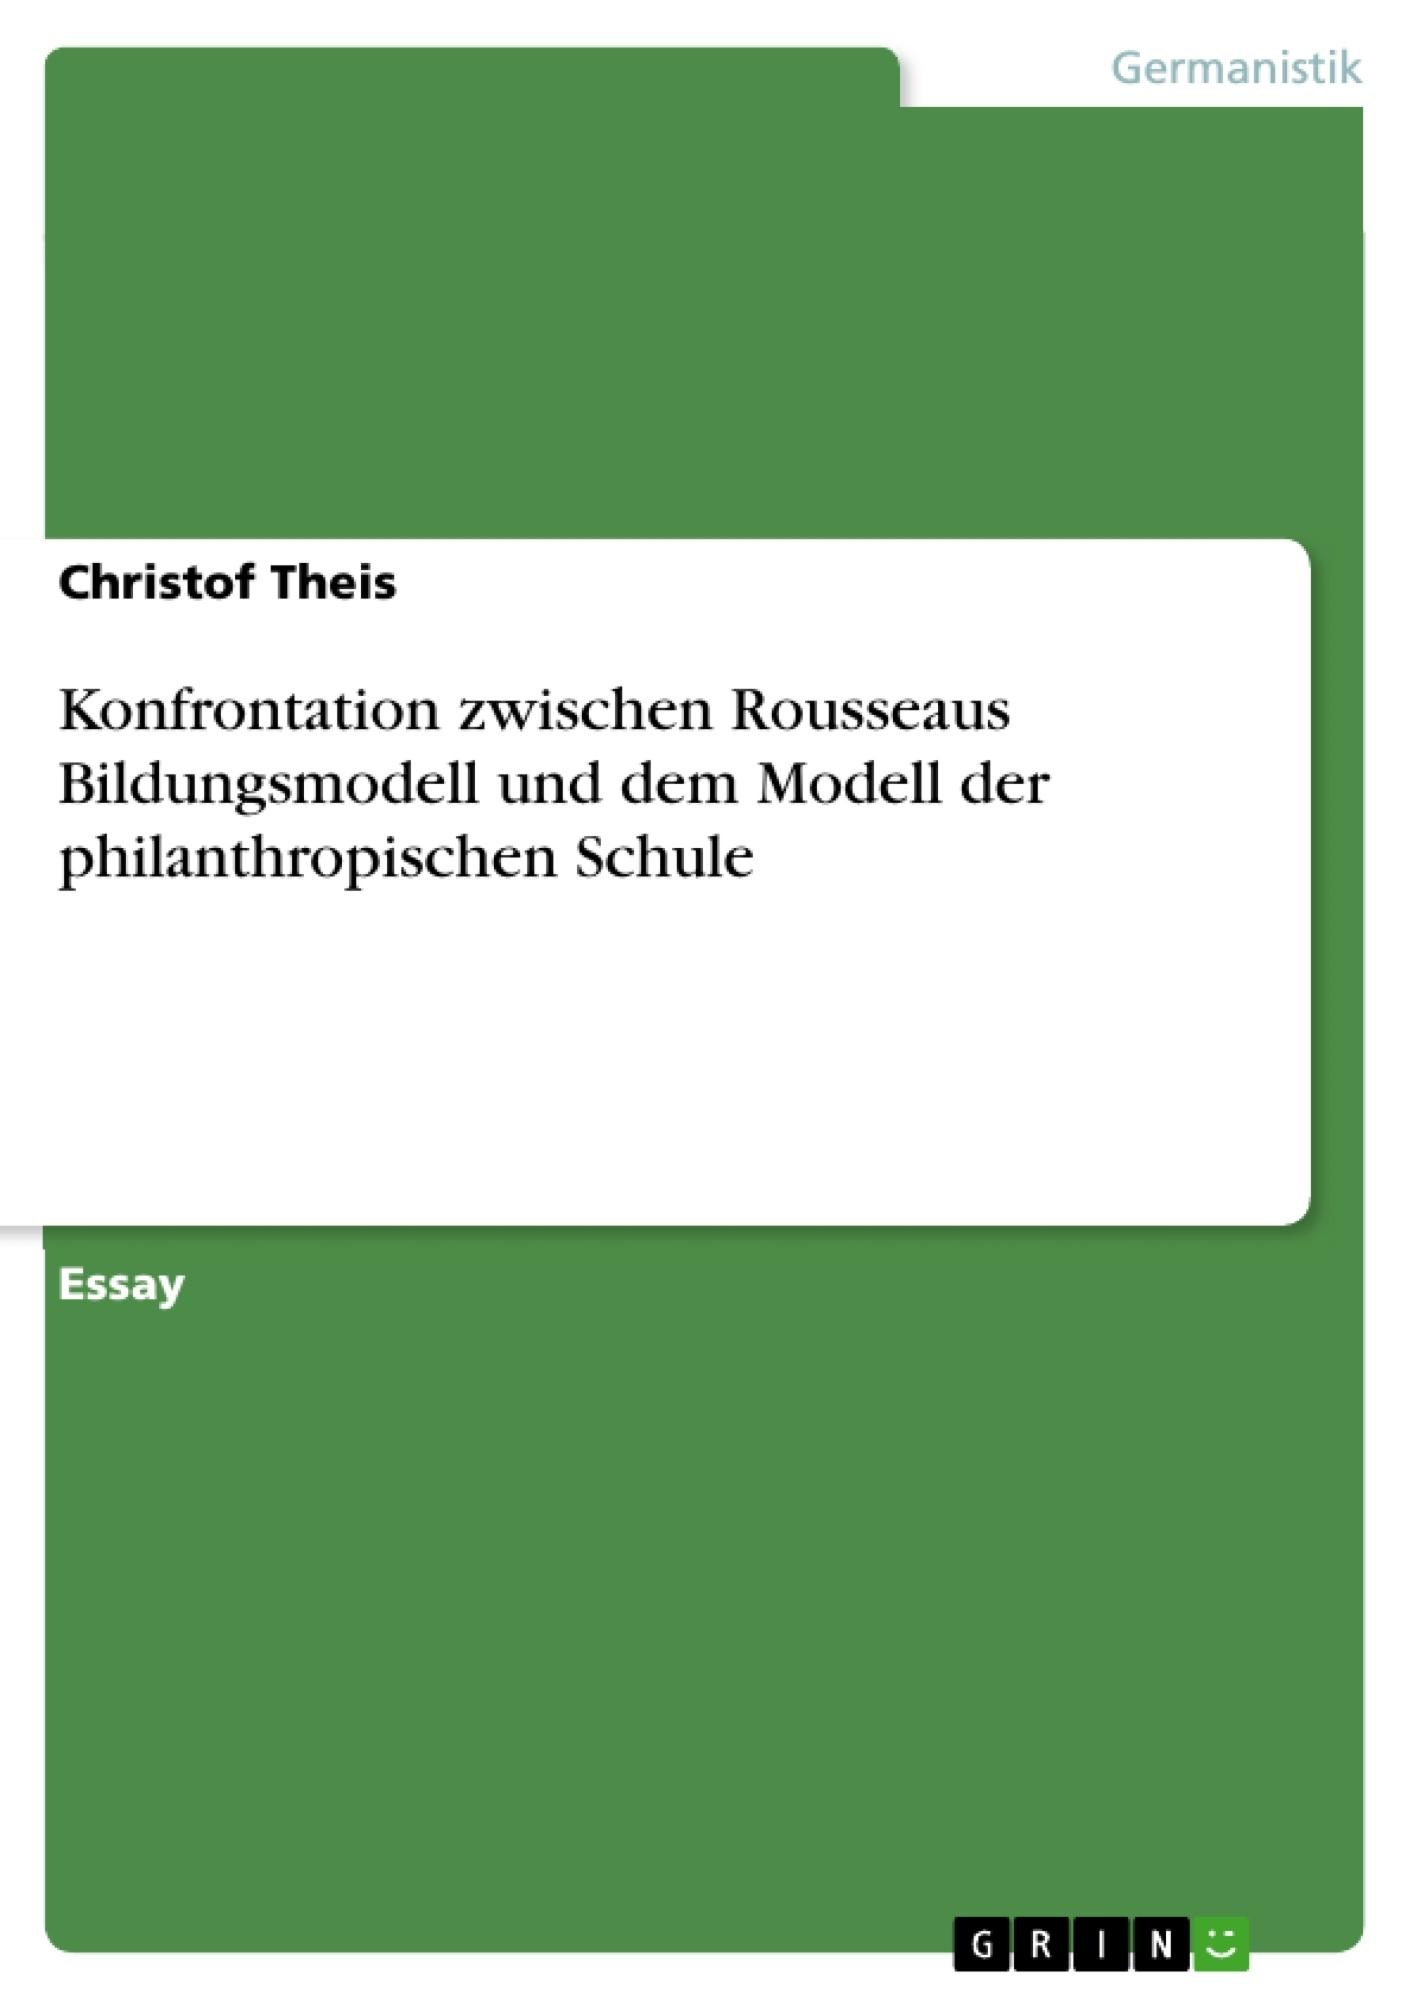 Titel: Konfrontation zwischen Rousseaus Bildungsmodell und dem Modell der philanthropischen Schule